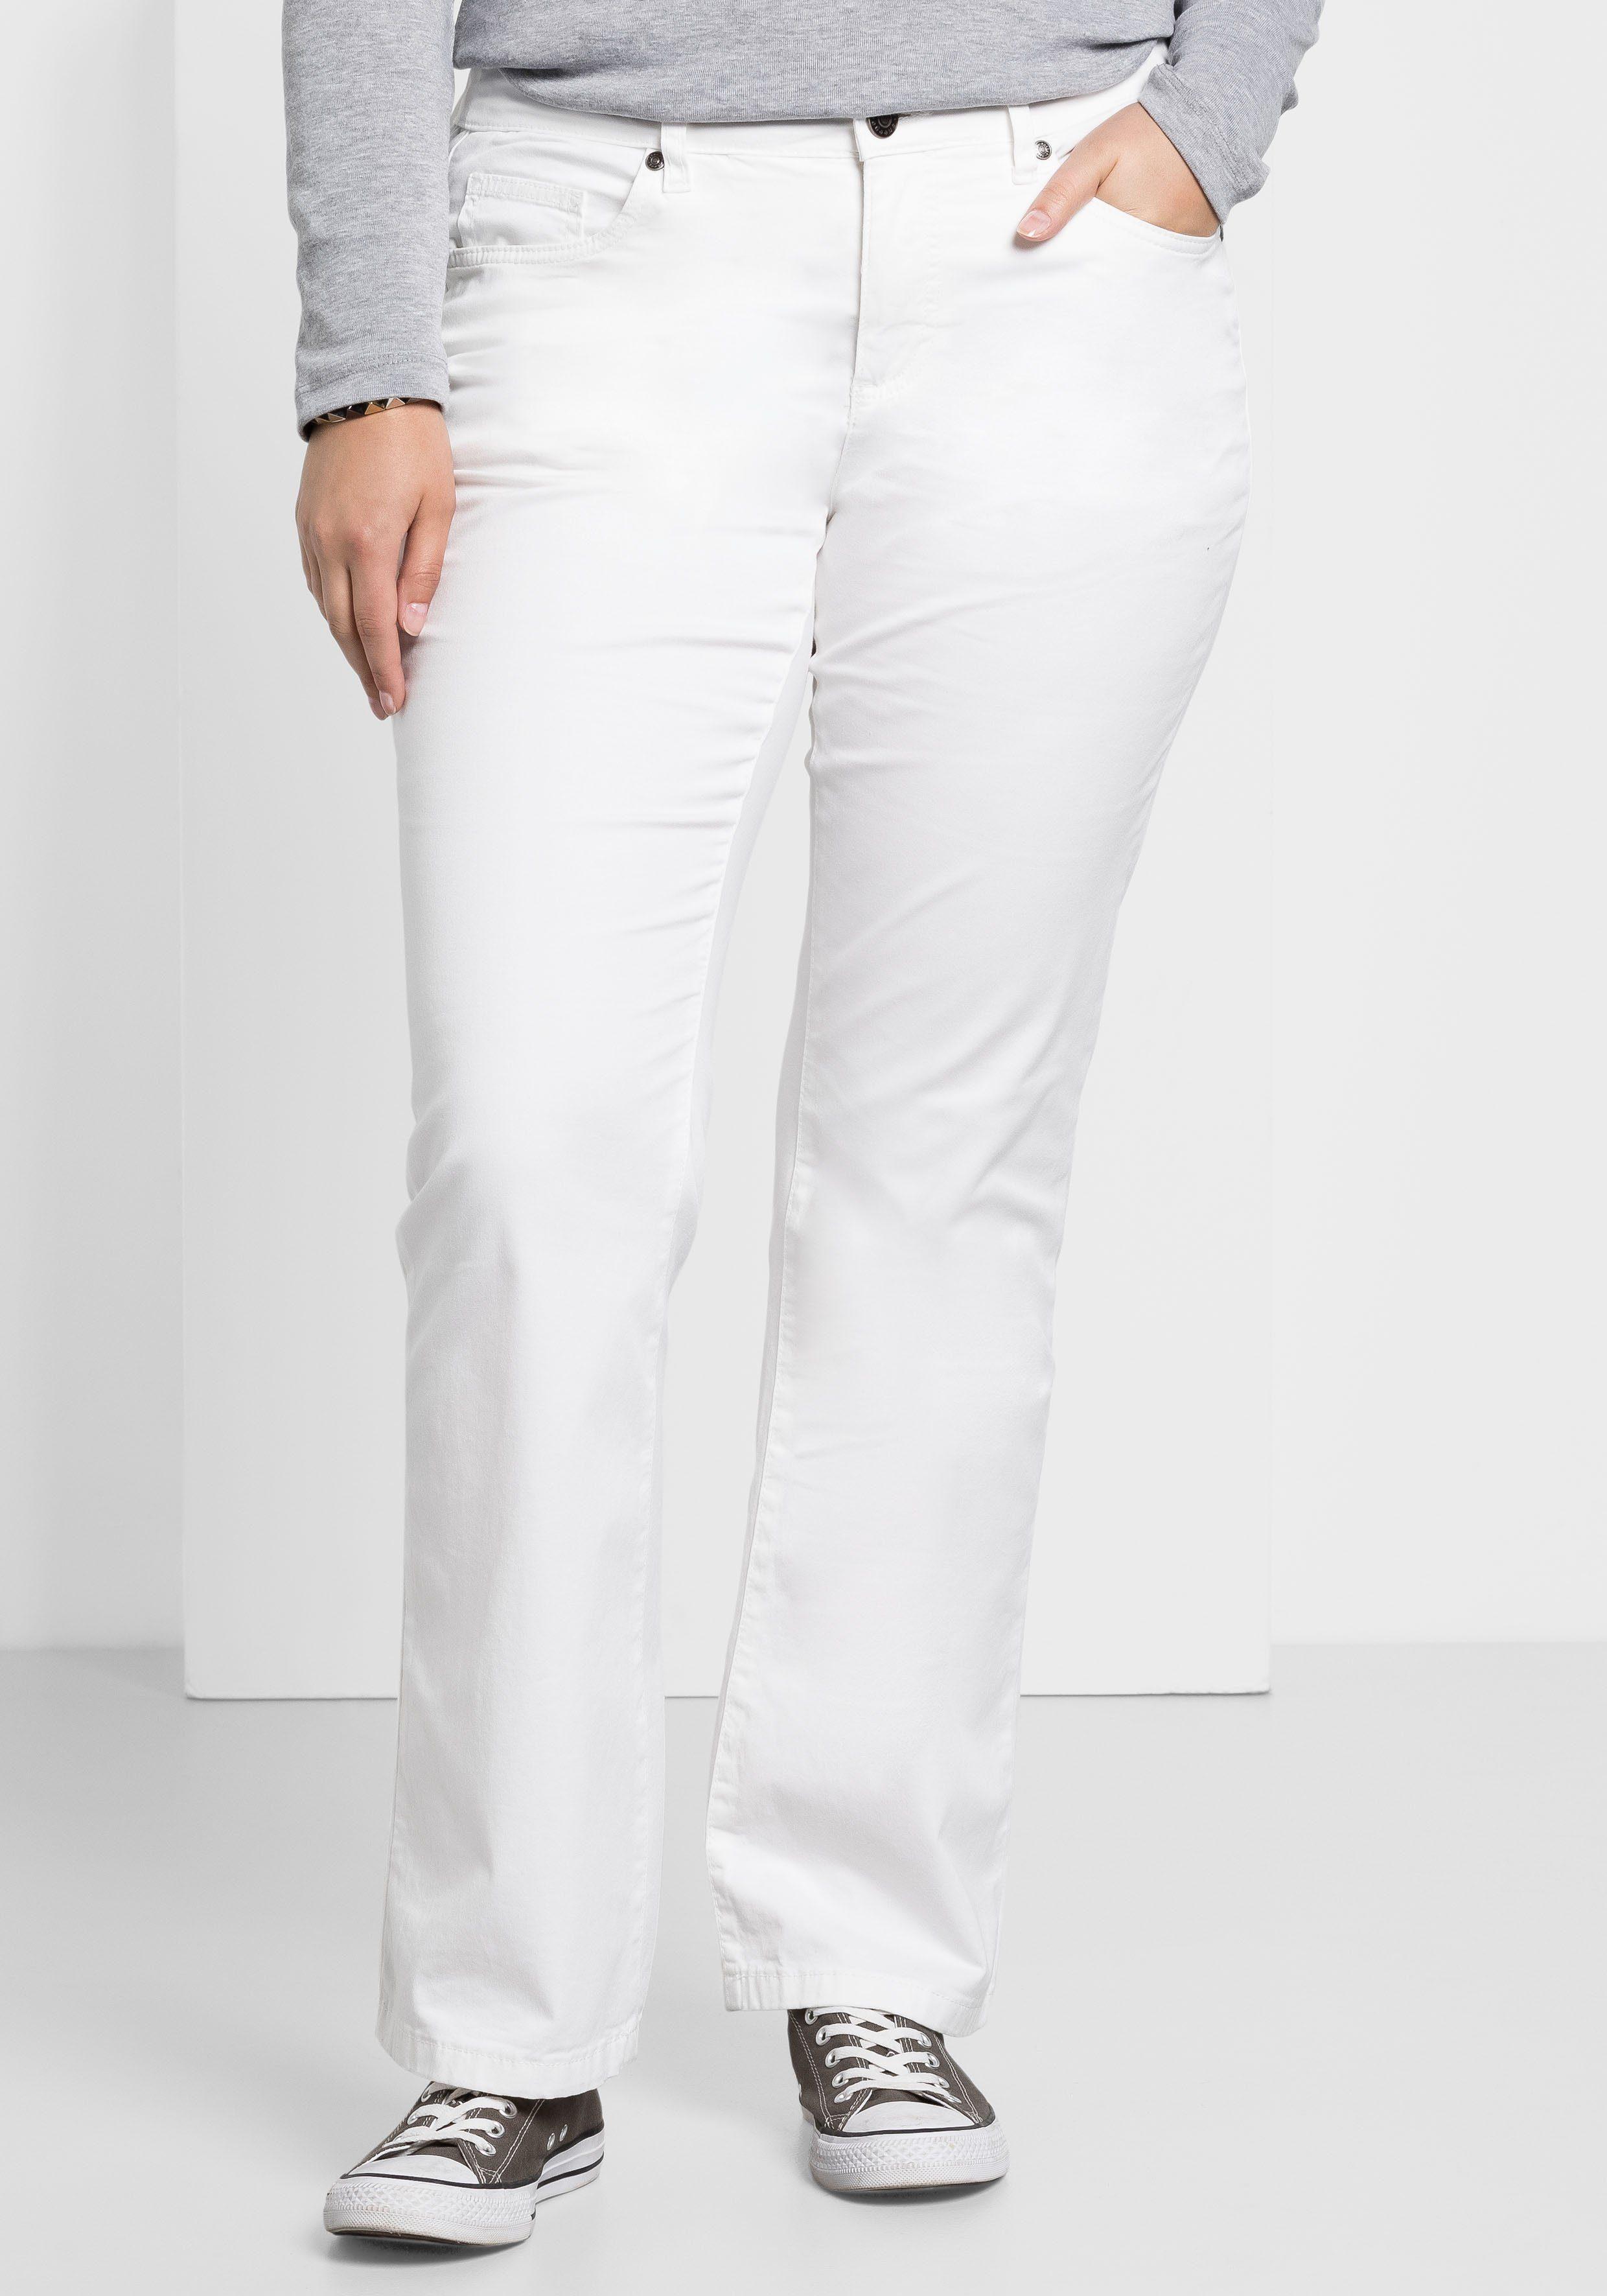 sheego Hose Damen elastische Stretch-Hose Große Größen Langgröße Freizeit Weiß